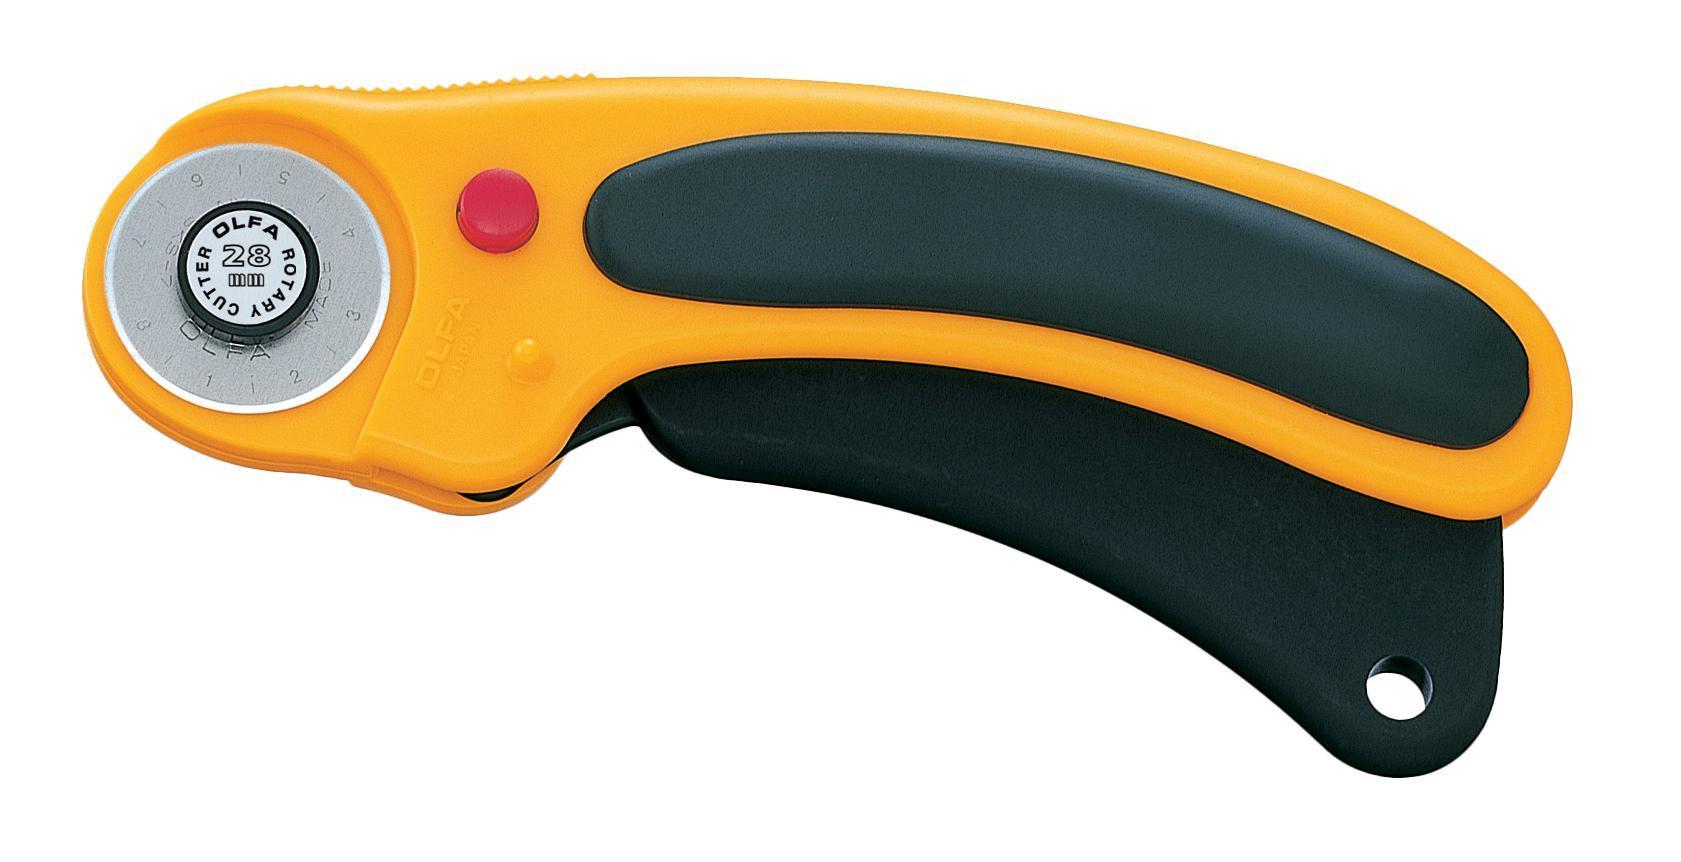 Нож строительный OlfaНожи ручные<br>Тип: нож,<br>Тип ножа: дисковый,<br>Материал рукоятки: пластик<br>